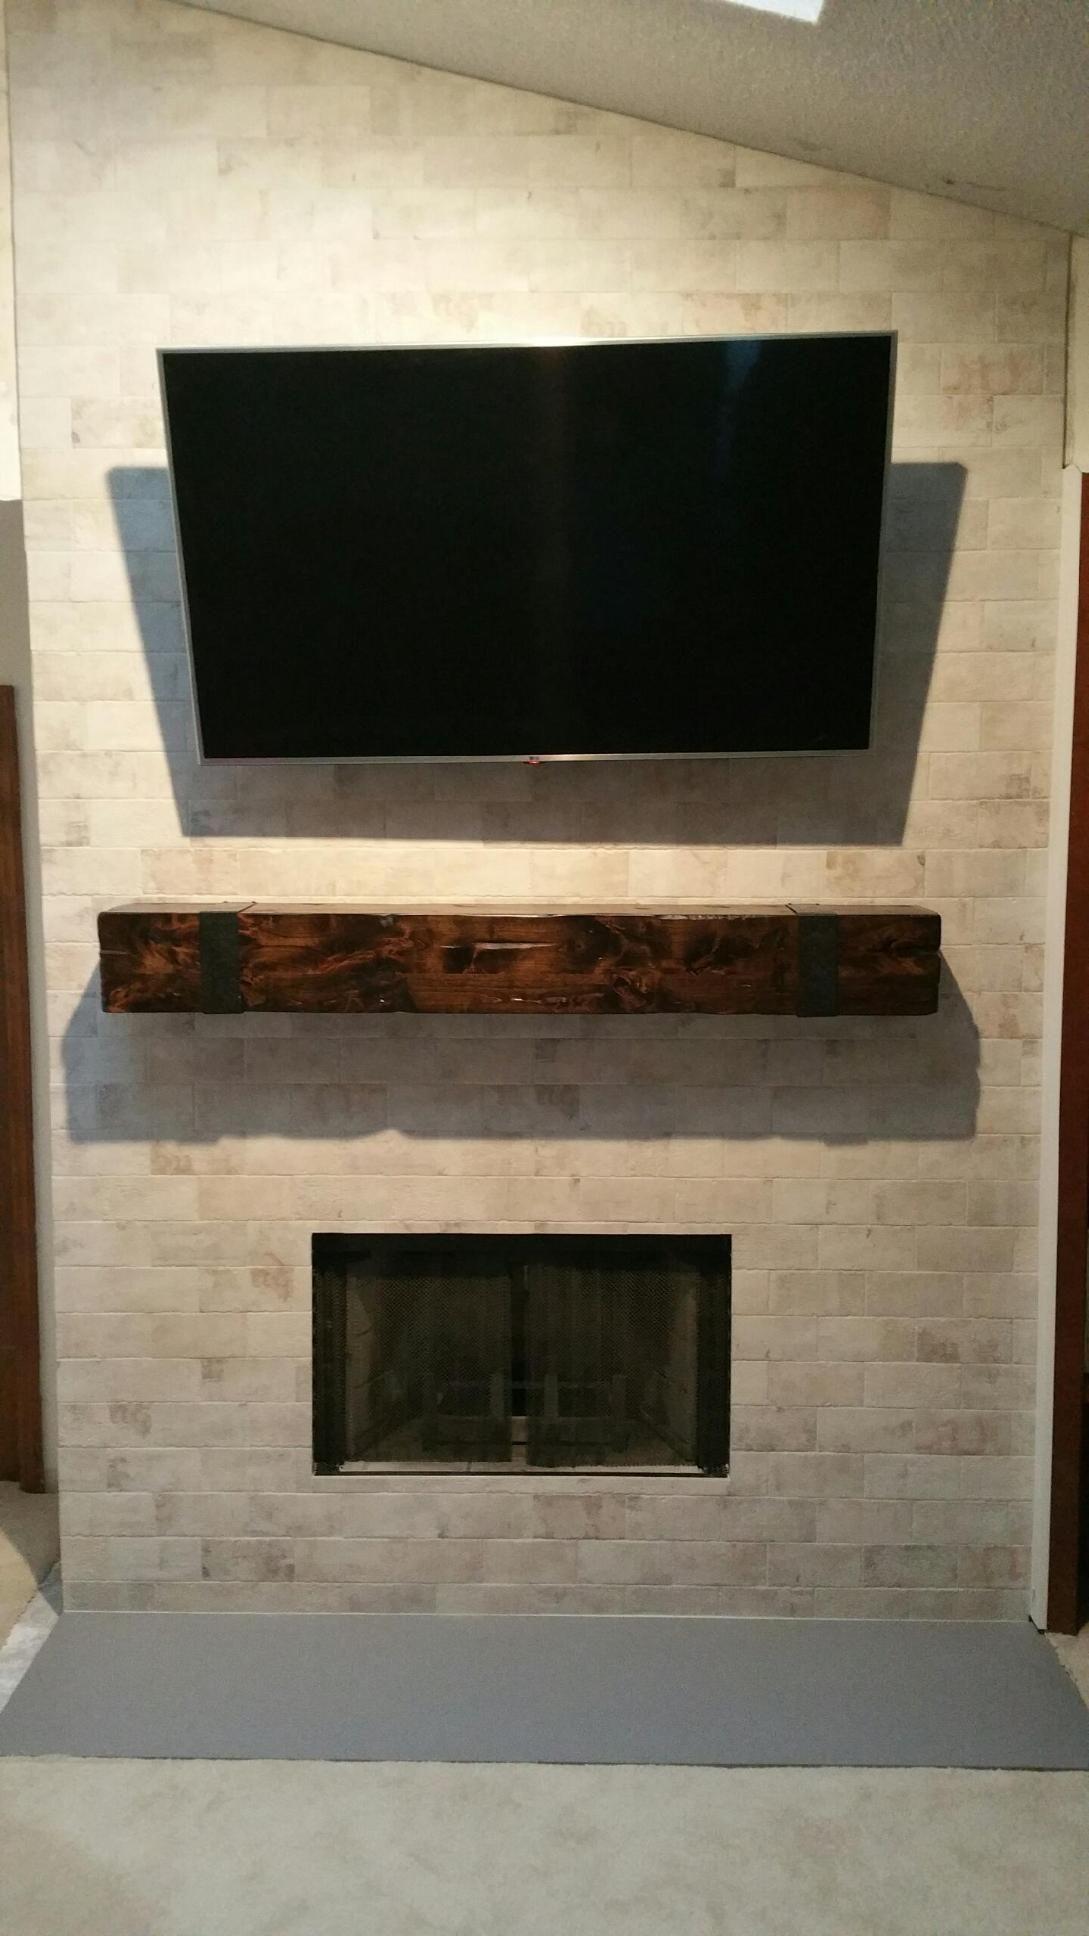 Bloodworth Fireplace Surround Daltile Brickwork In